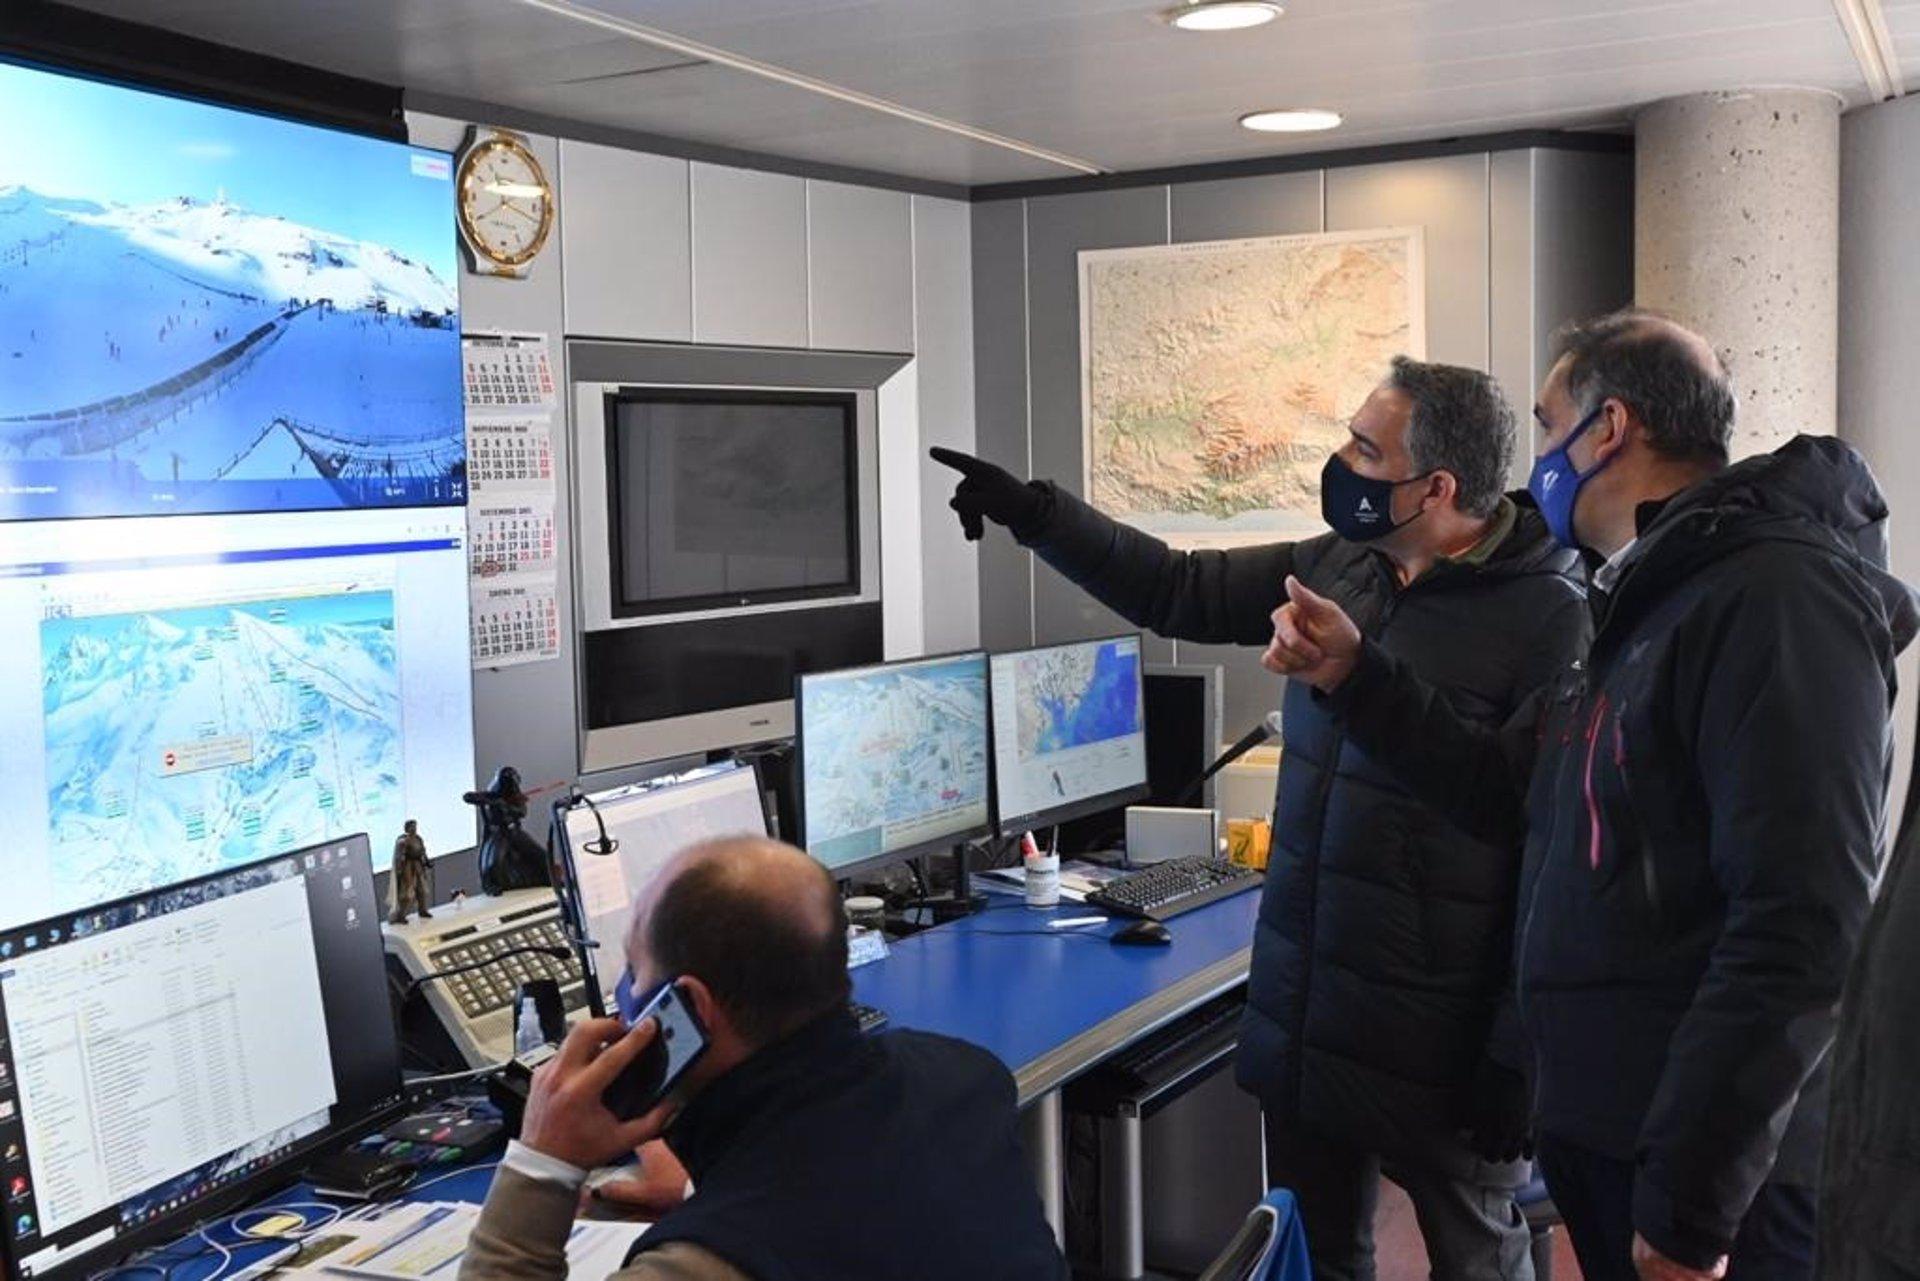 La Unidad de Policía Adscrita a la Comunidad Autónoma establece un dispositivo en Sierra Nevada